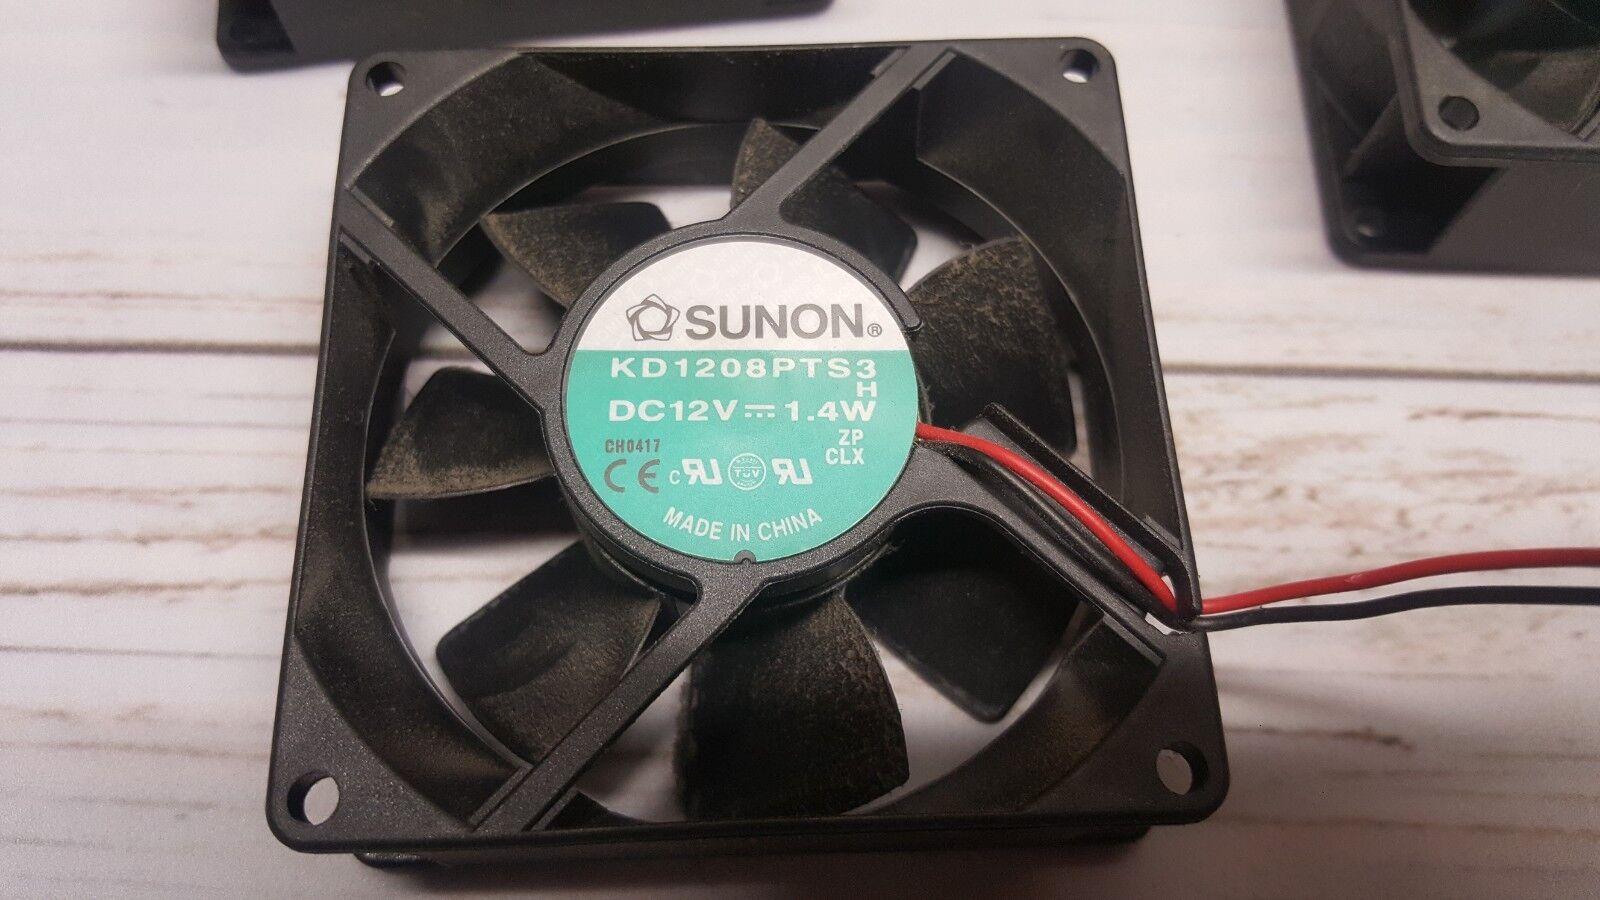 Three 3 Sunon KD1208PTS3-6 CPU Heat-Sink Fans DC 12V - 1.4W  - $24.99